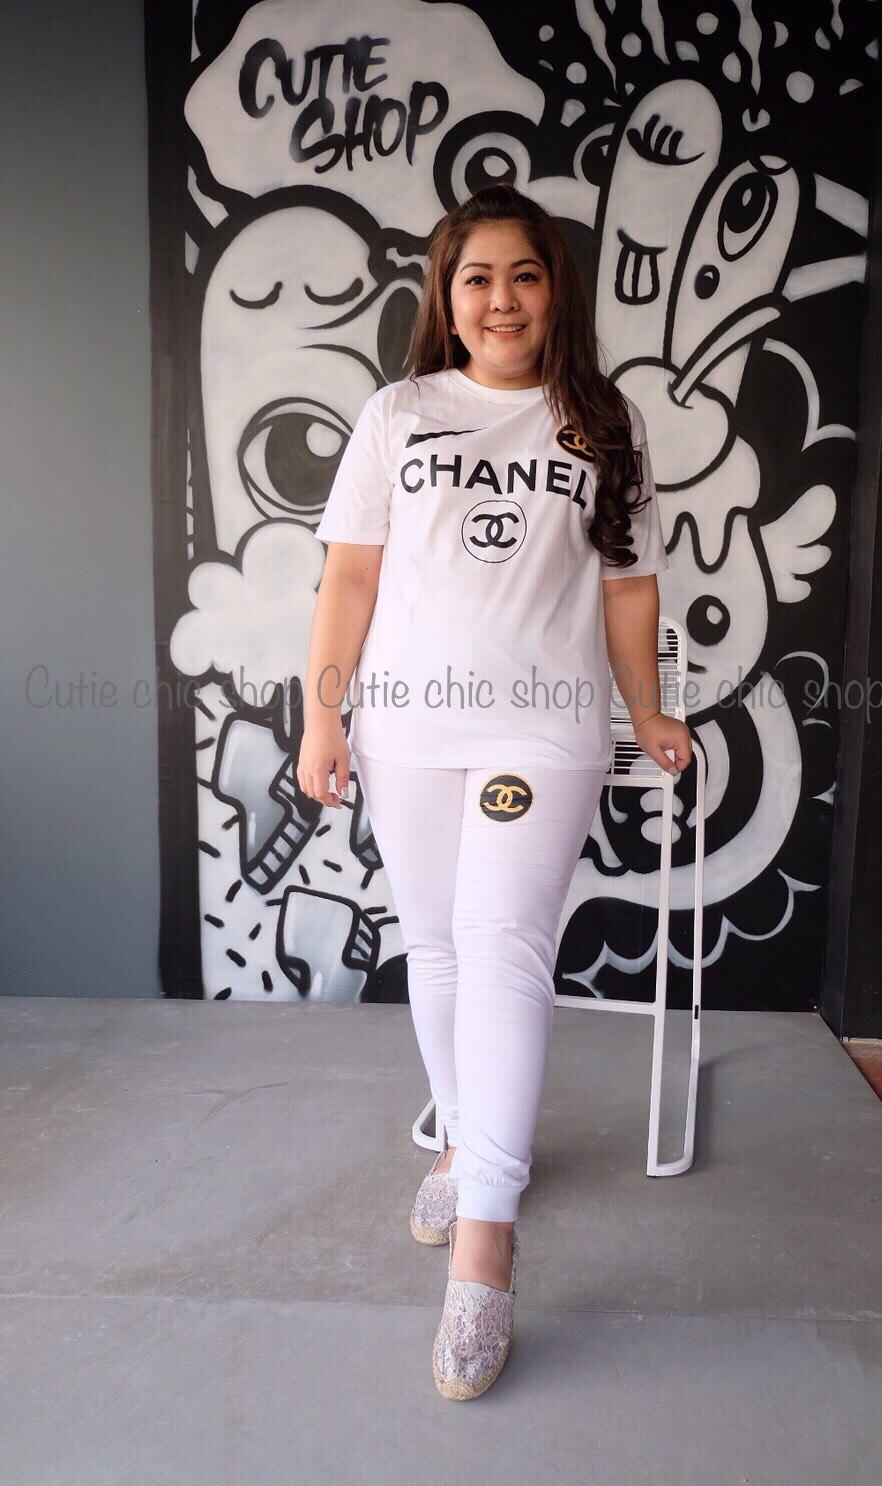 เซ็ทเสื้อแขนสั้นกับกางเกงขายาว สกรีน chanel